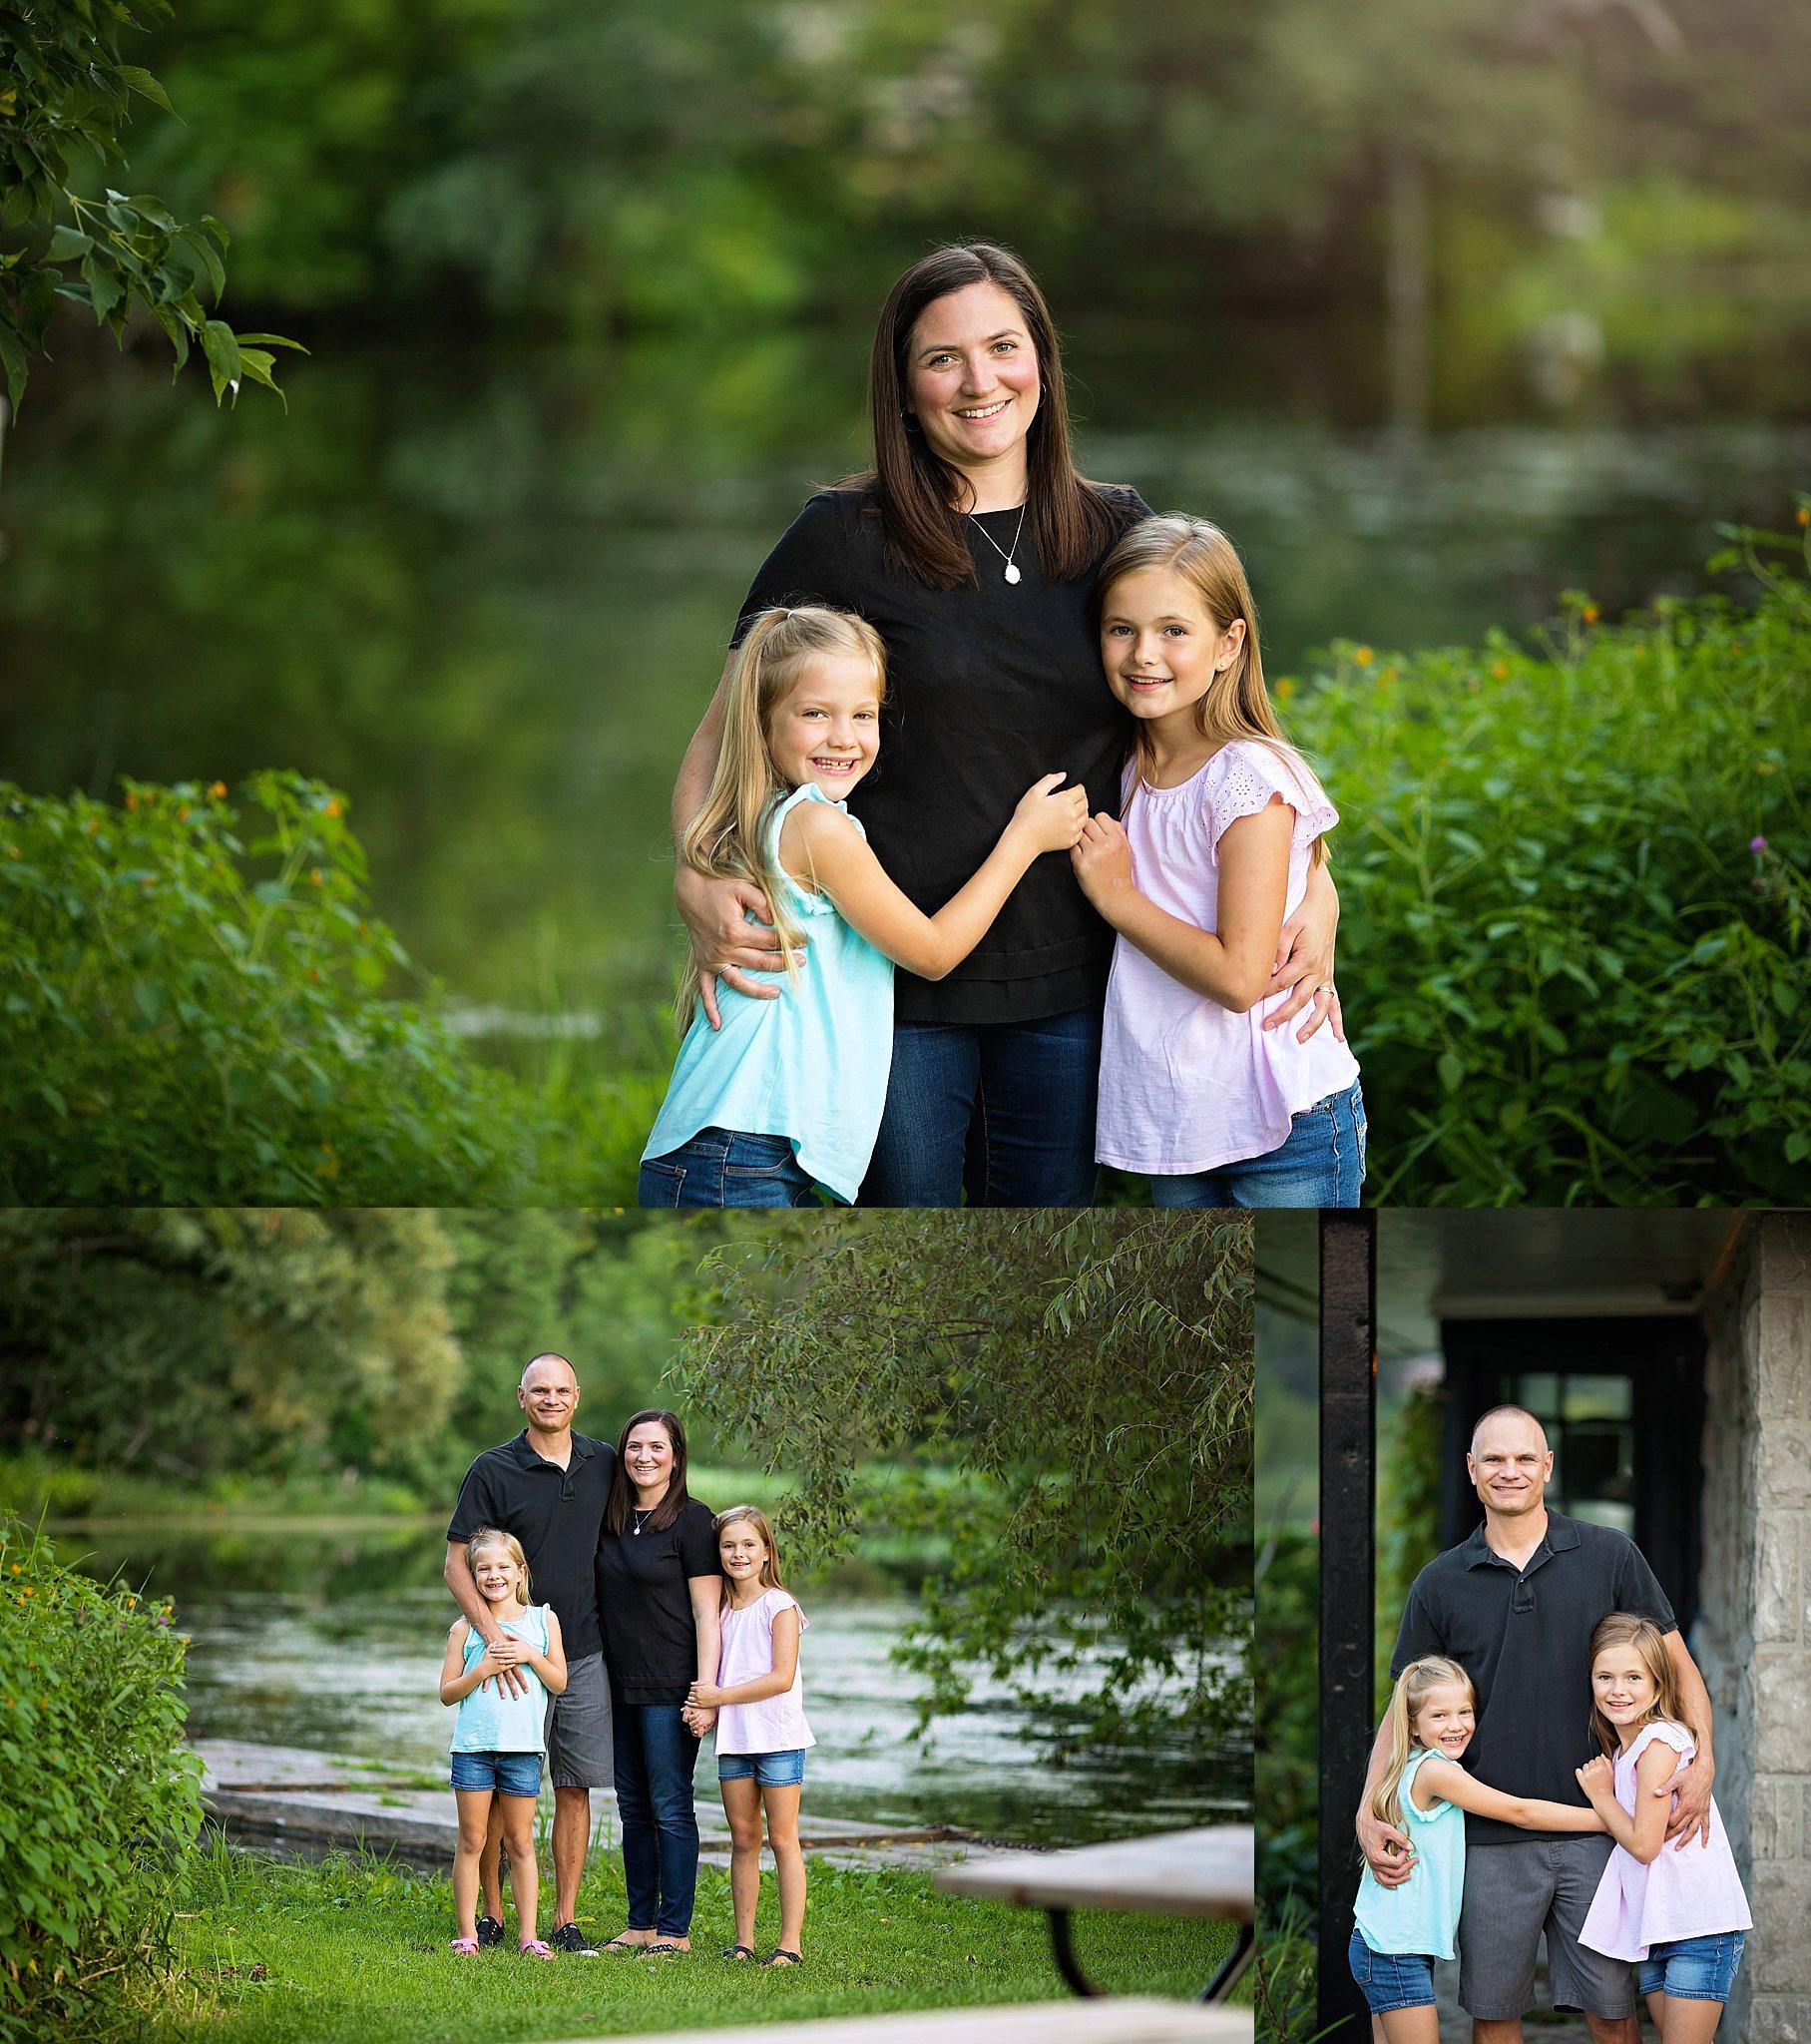 Family Portraits Ottawa